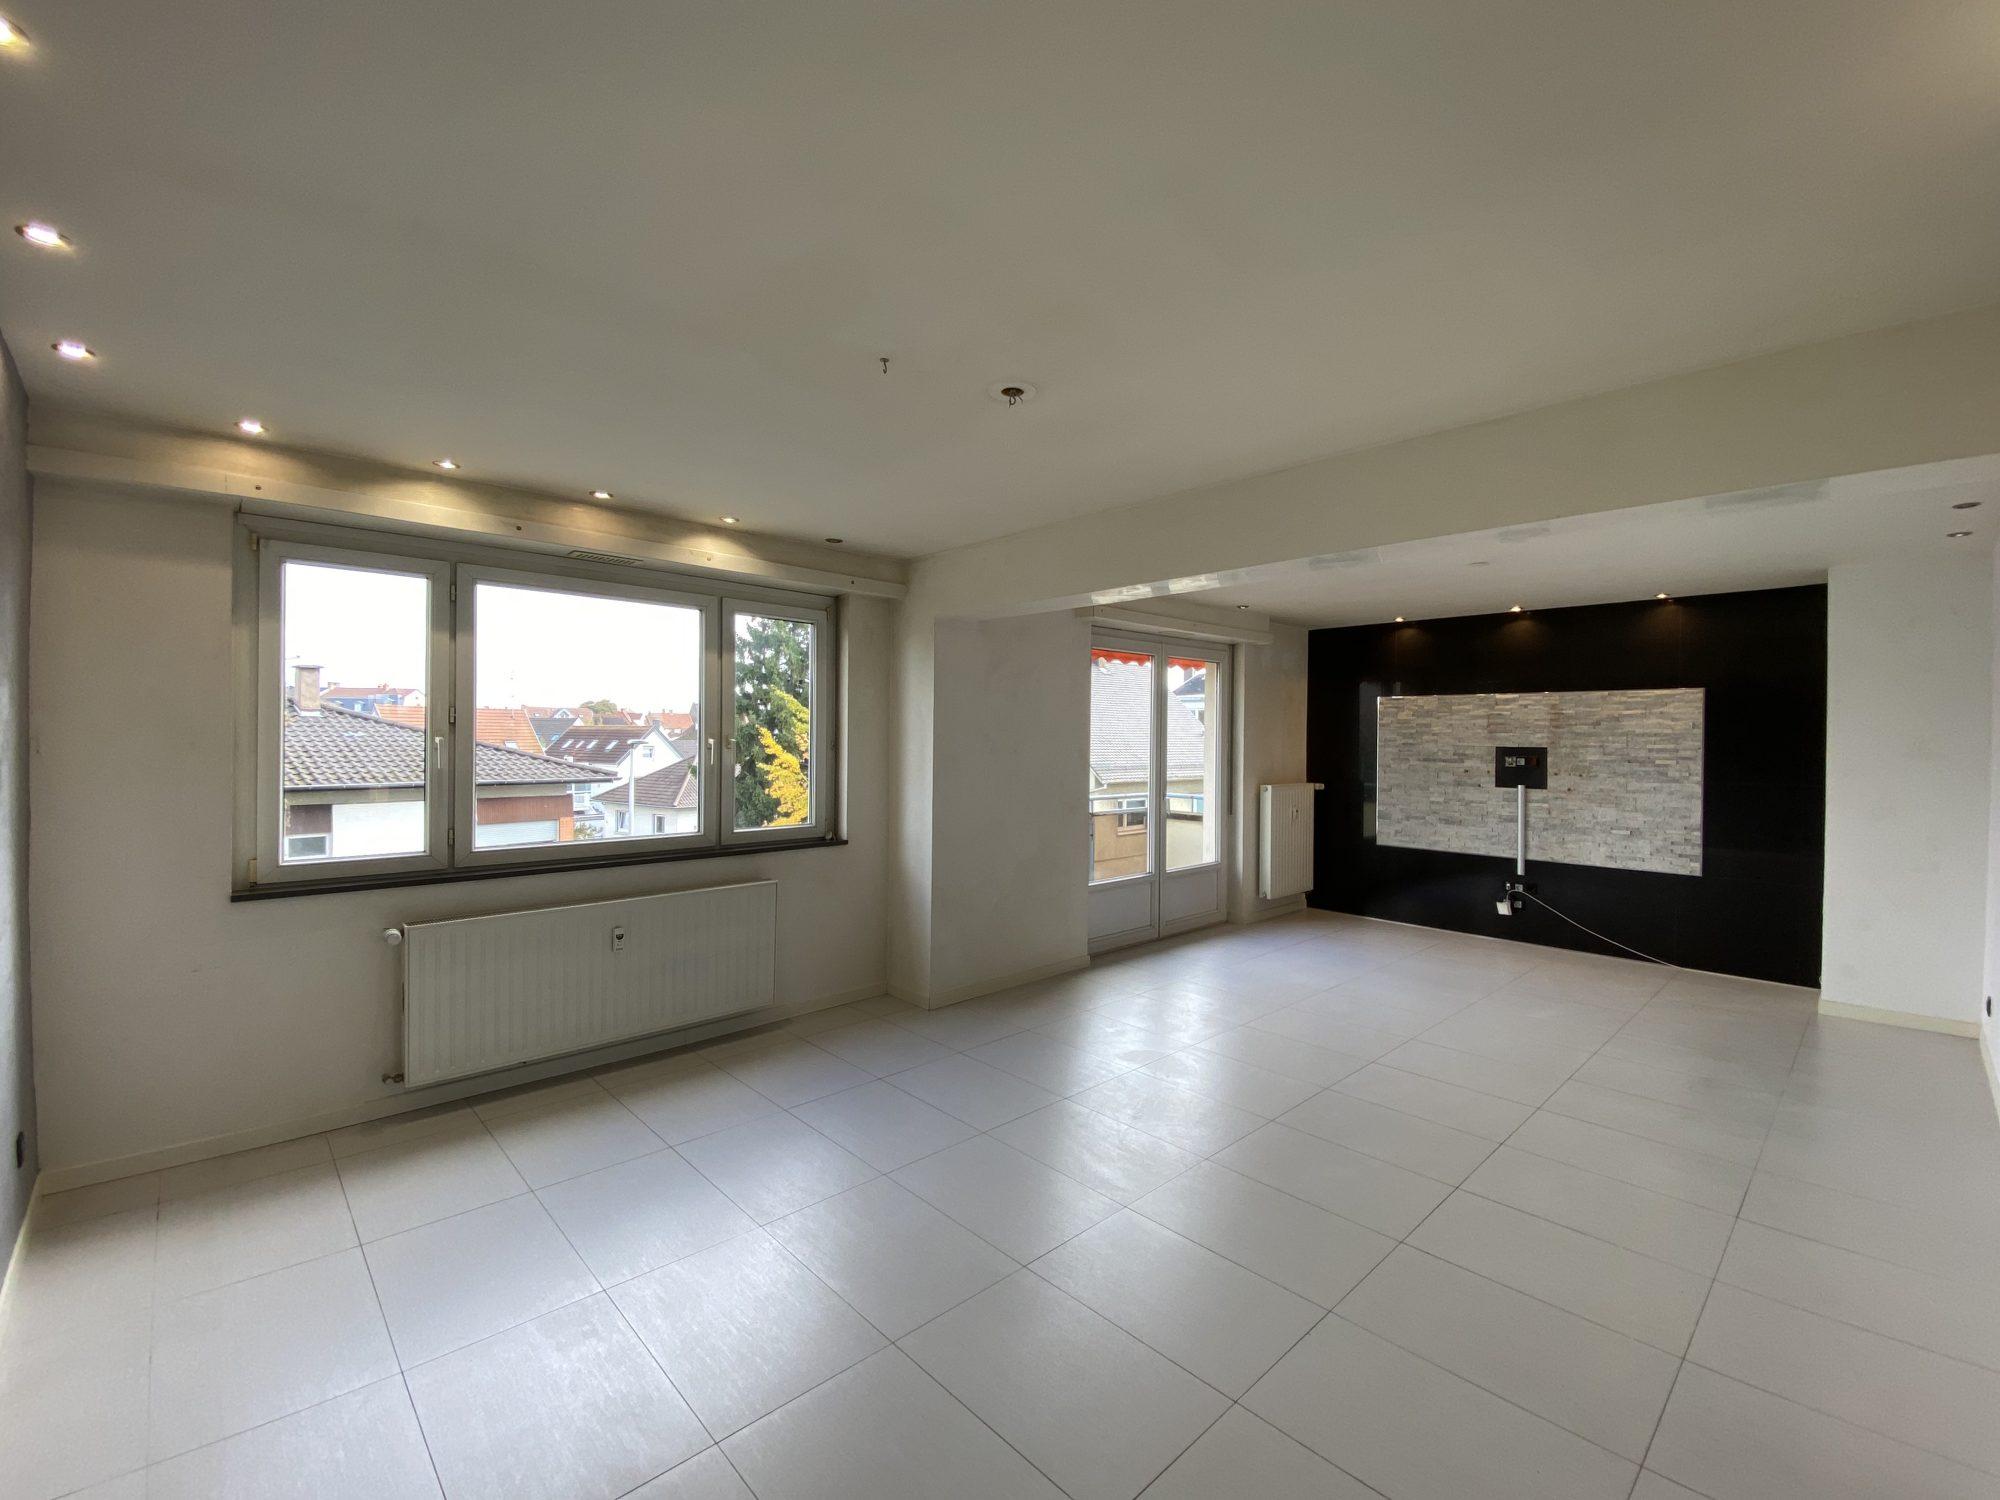 ROBERTSAU, Appartement 3/4 pièces de 93m²